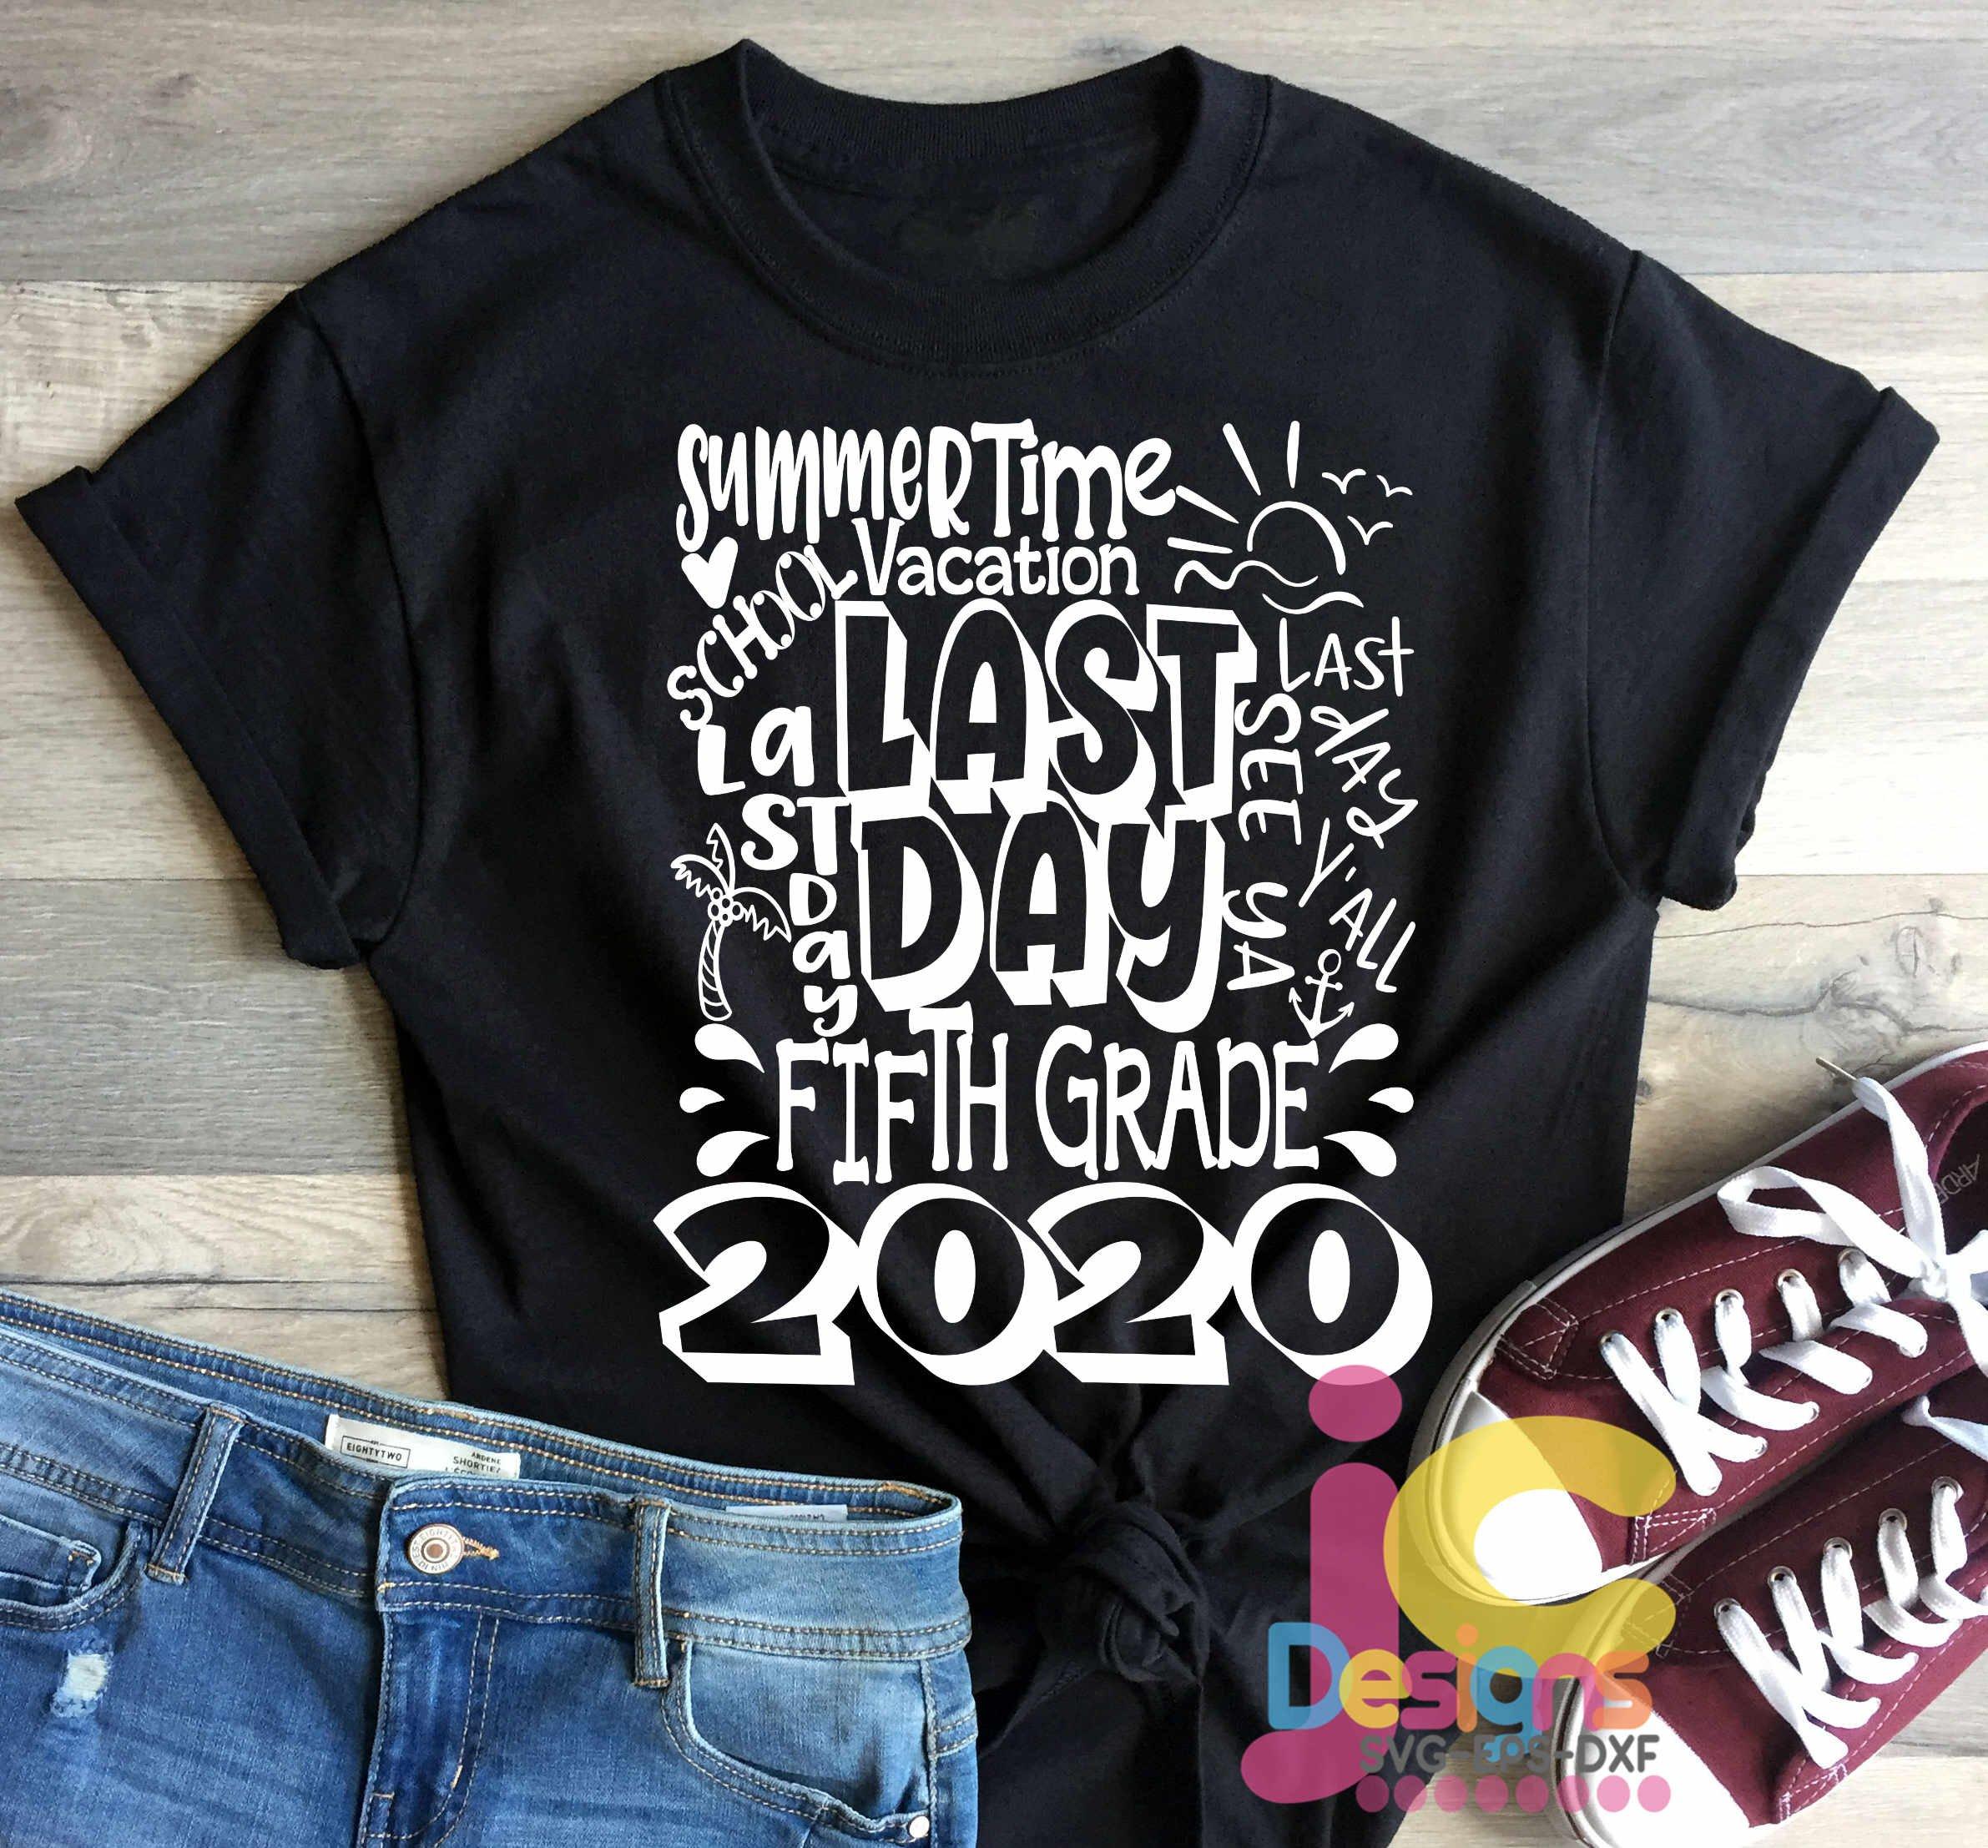 2020 Fifth 5th Grade Last day of school svg Design Cricut ...